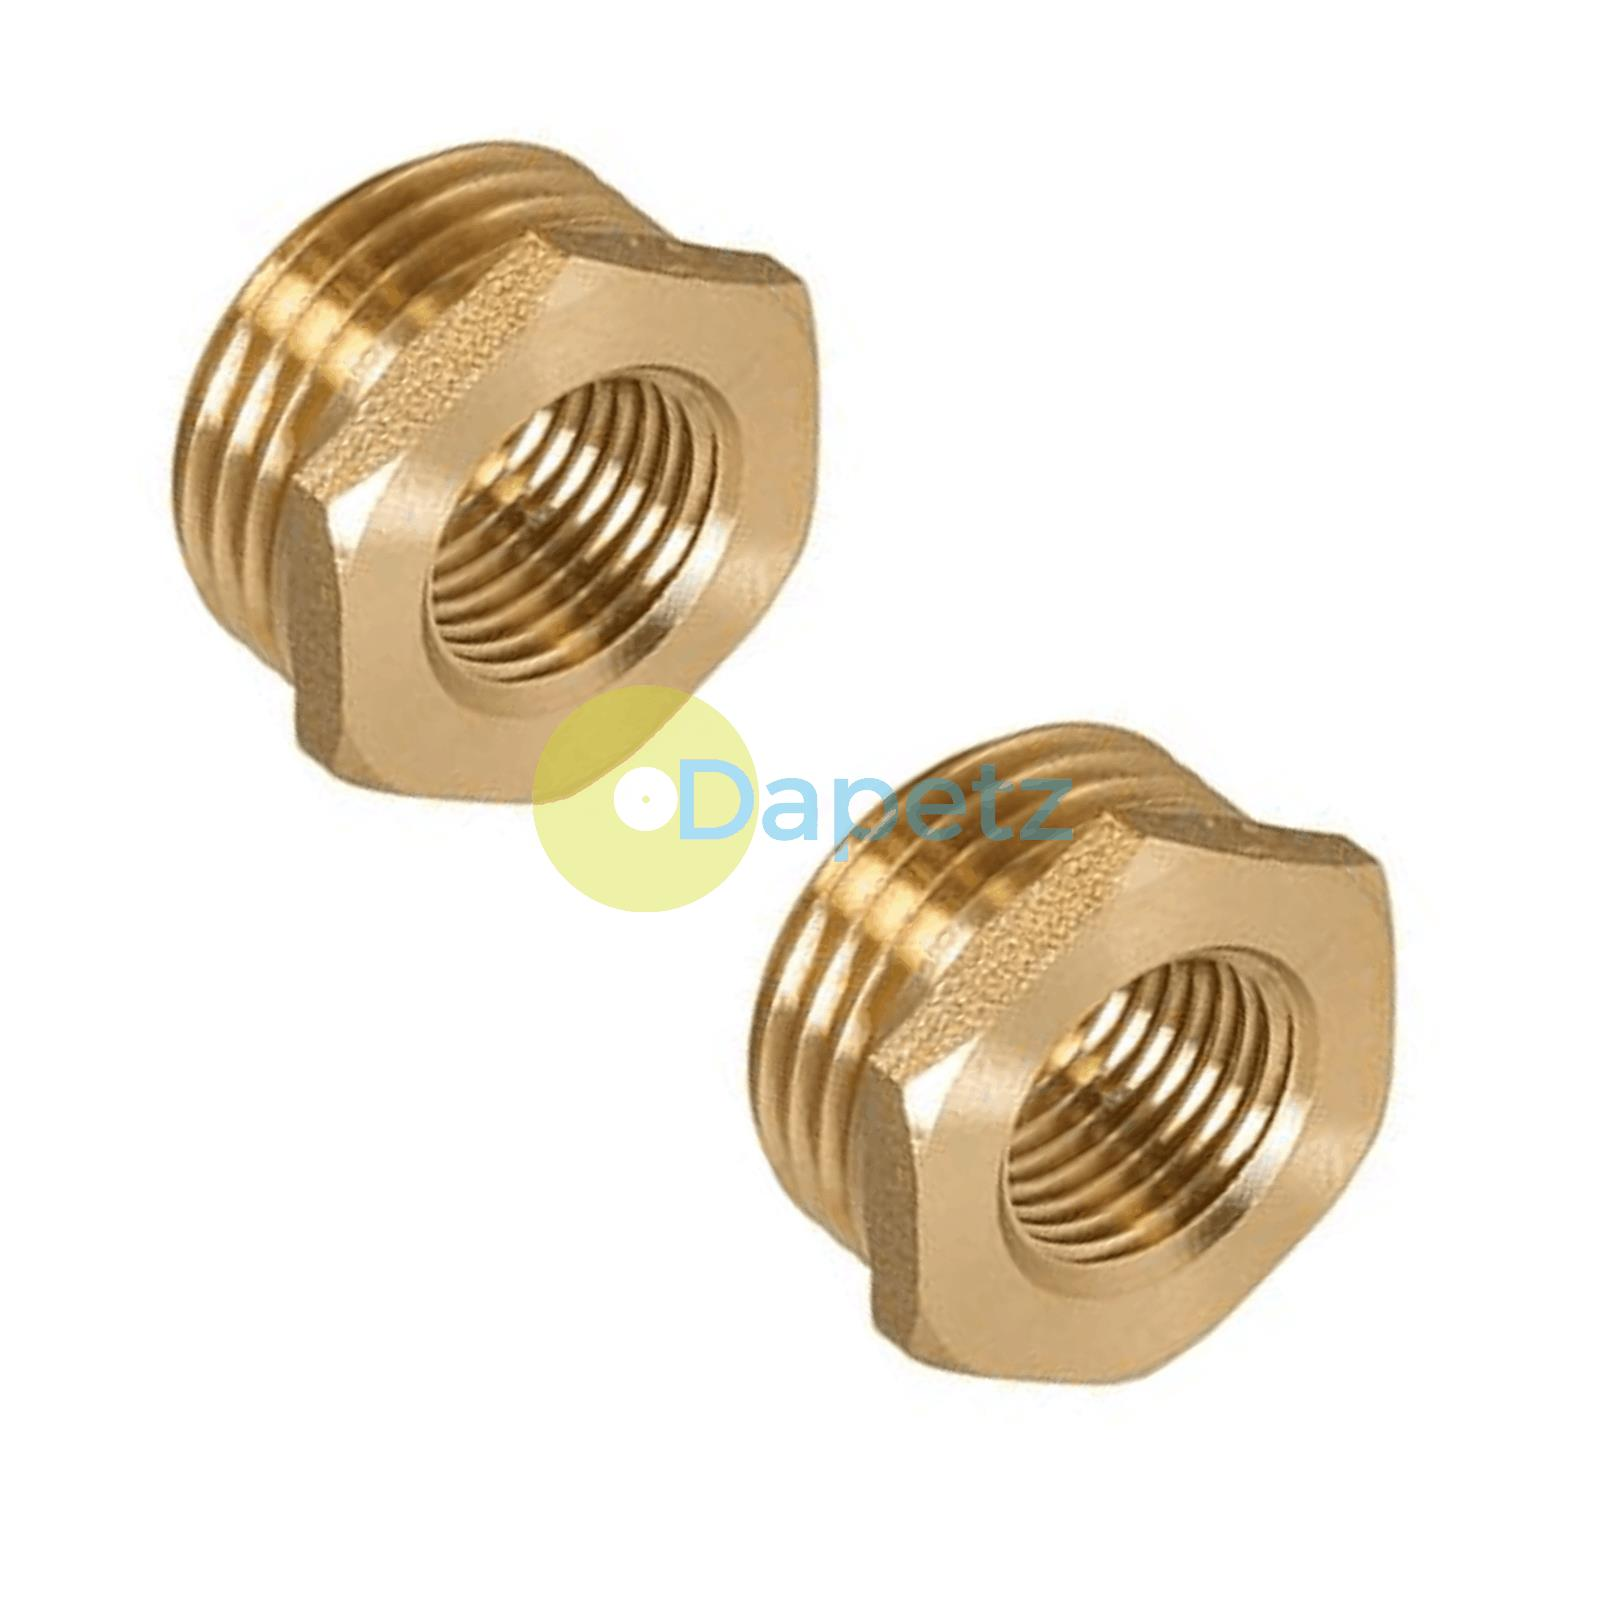 Brass-Reducing-Hexagone-Bush-BSP-Male-a-Femelle-Adaptateur-Connecteur-WRAS-approuves miniature 17